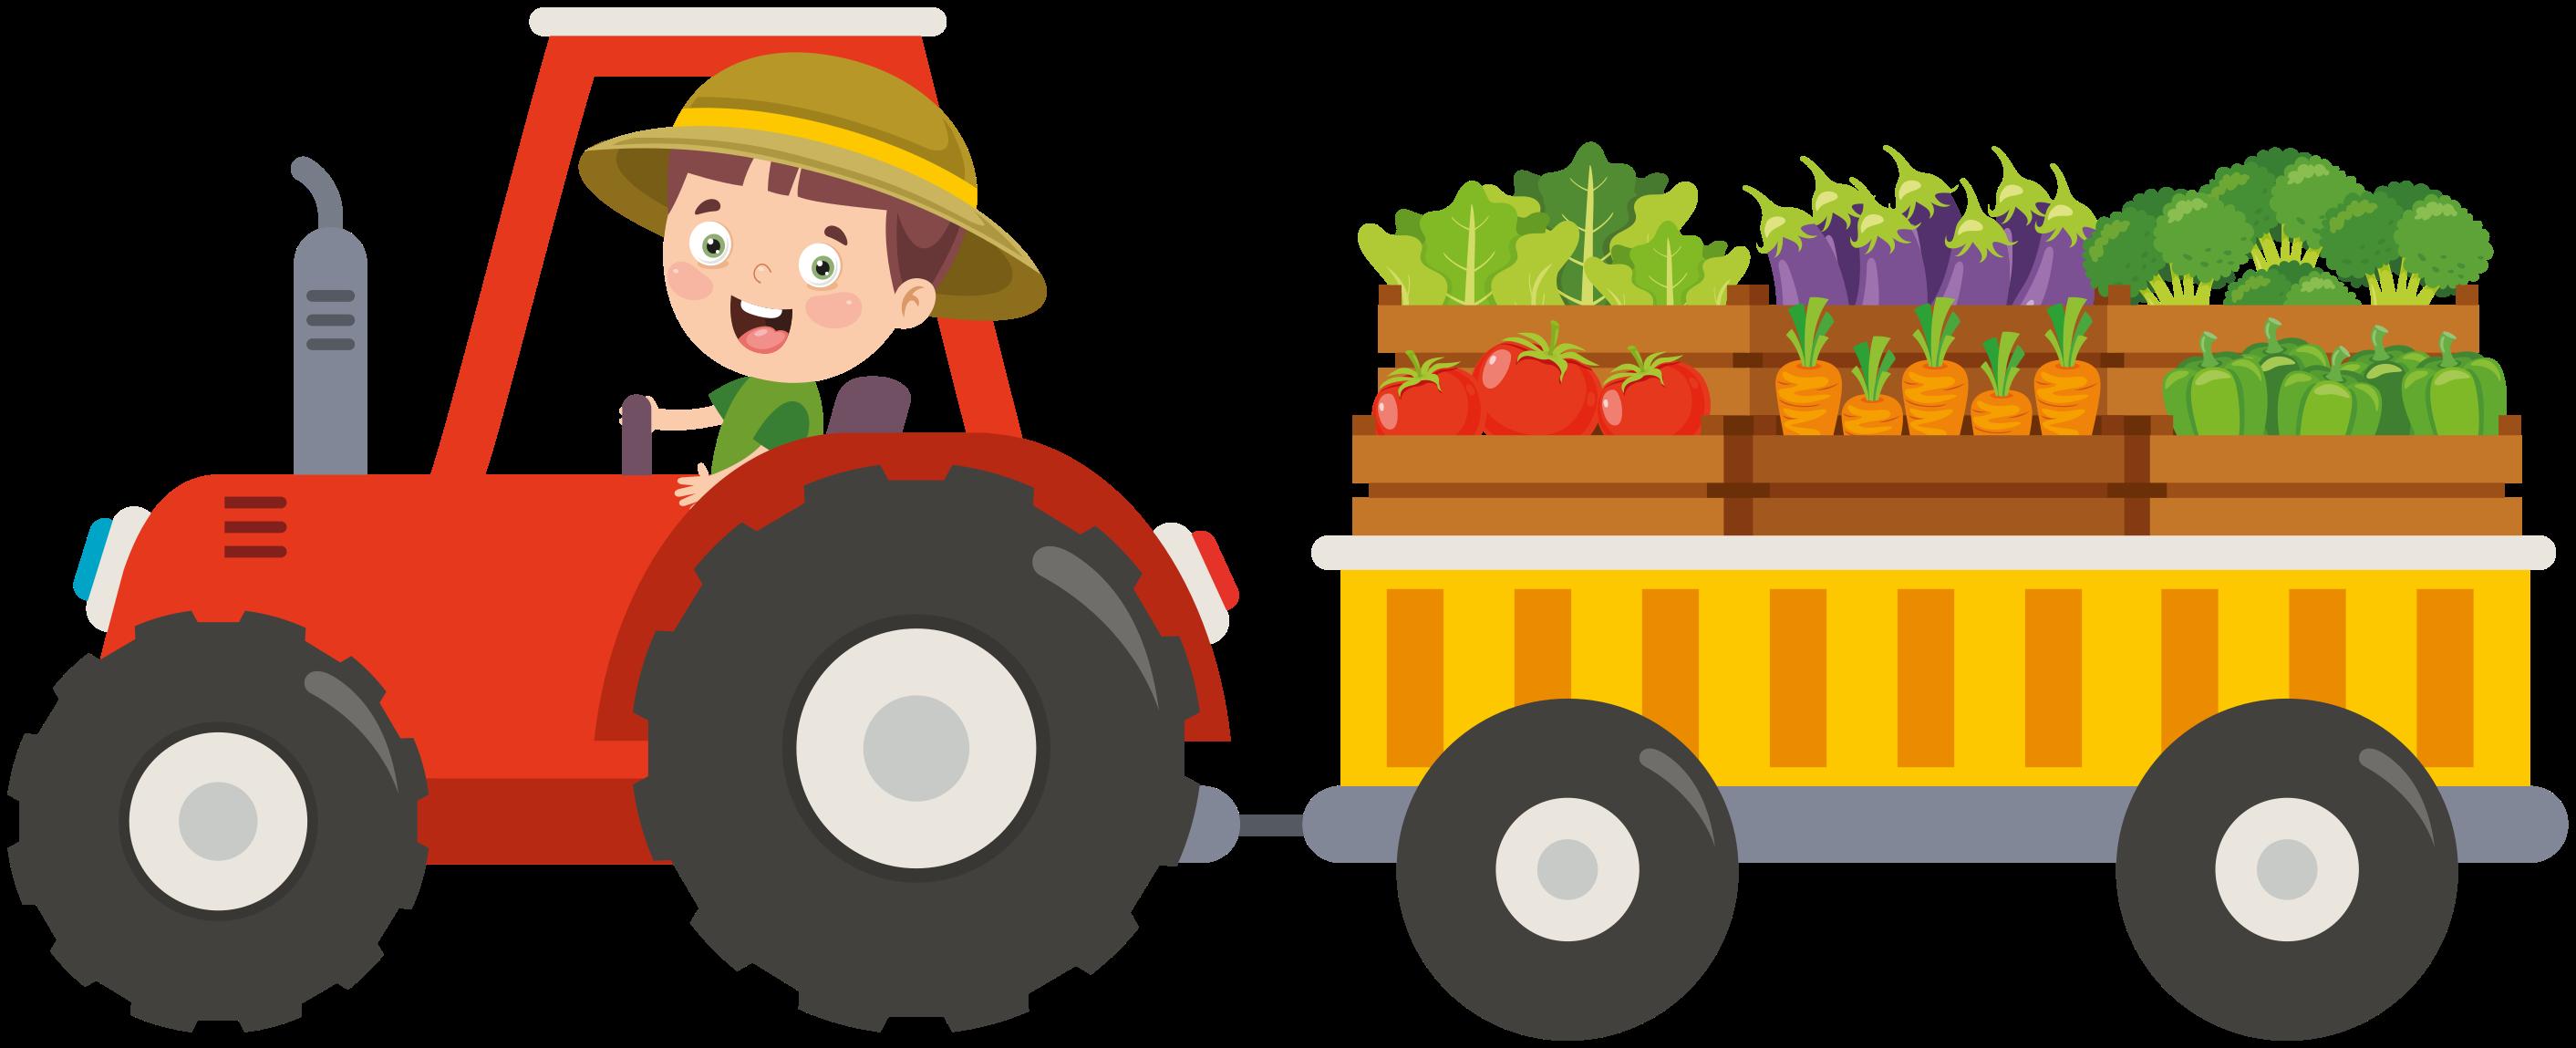 TenStickers. Mali kmet, ki vozi nalepko za traktorske igrače. Okrasna zasnova traktorjev za otroške igrače, ki ponazarja dečka, ki vozi traktor in prenaša različne kmetijske pridelke. Enostaven za nanos in samolepilnost.